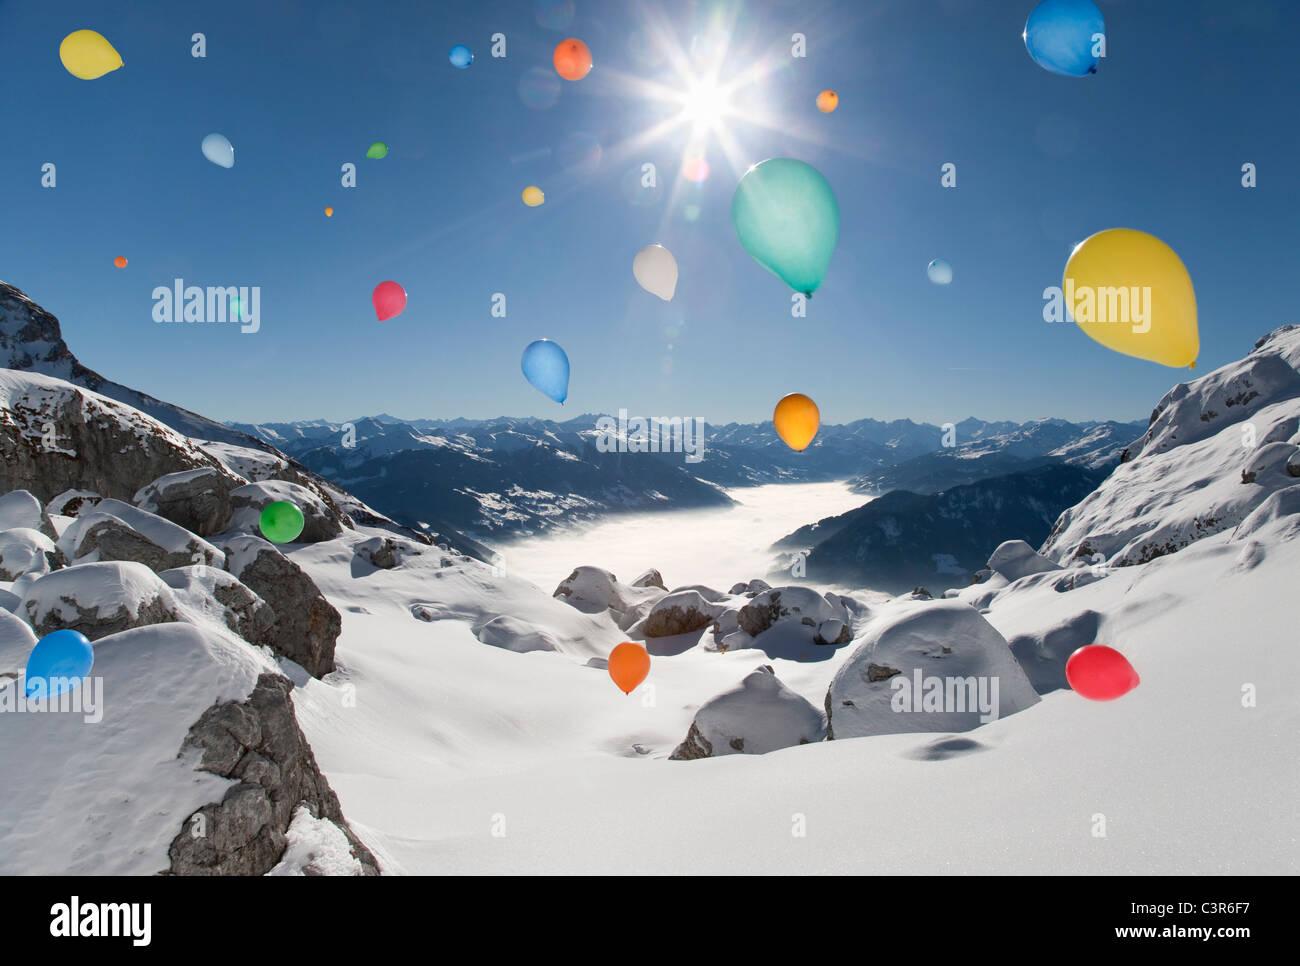 Ballons volando sul paesaggio invernale Immagini Stock